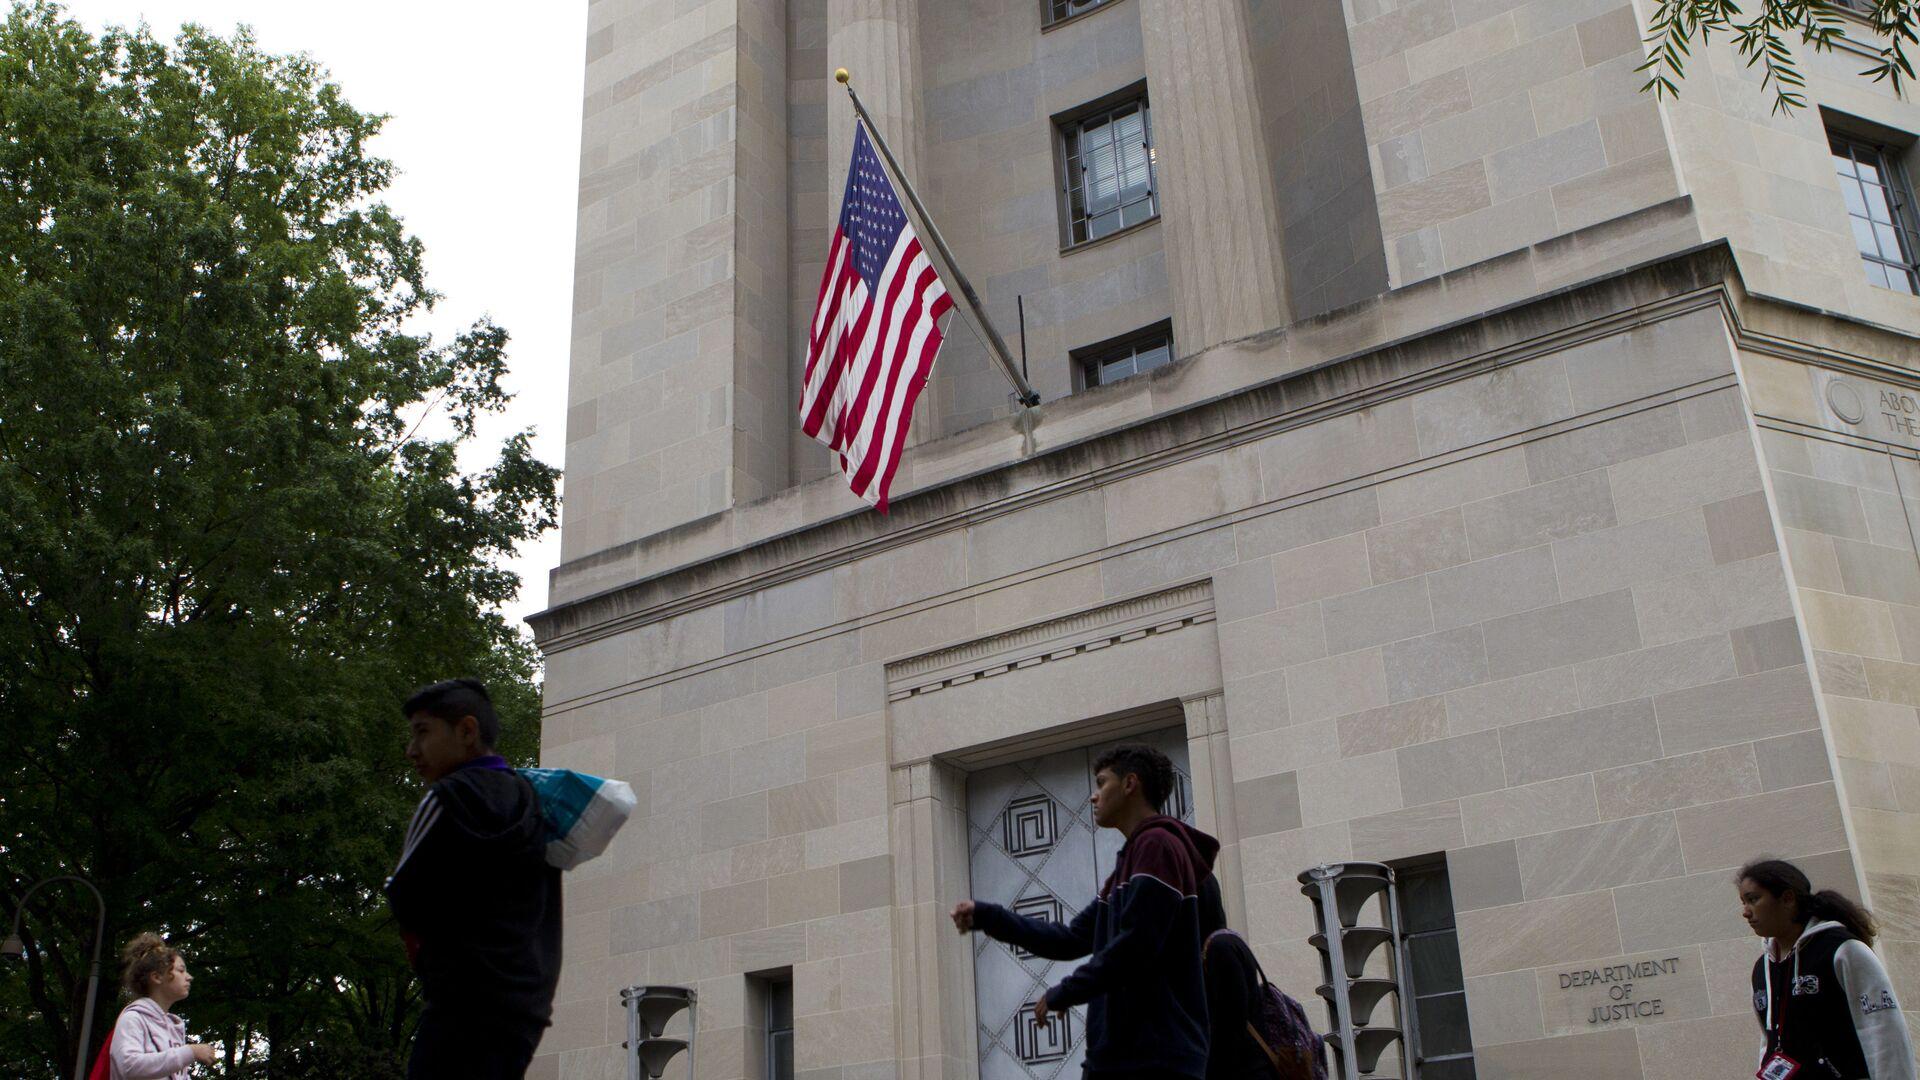 La sede del Departamento de Justicia de EEUU (archivo) - Sputnik Mundo, 1920, 21.06.2021